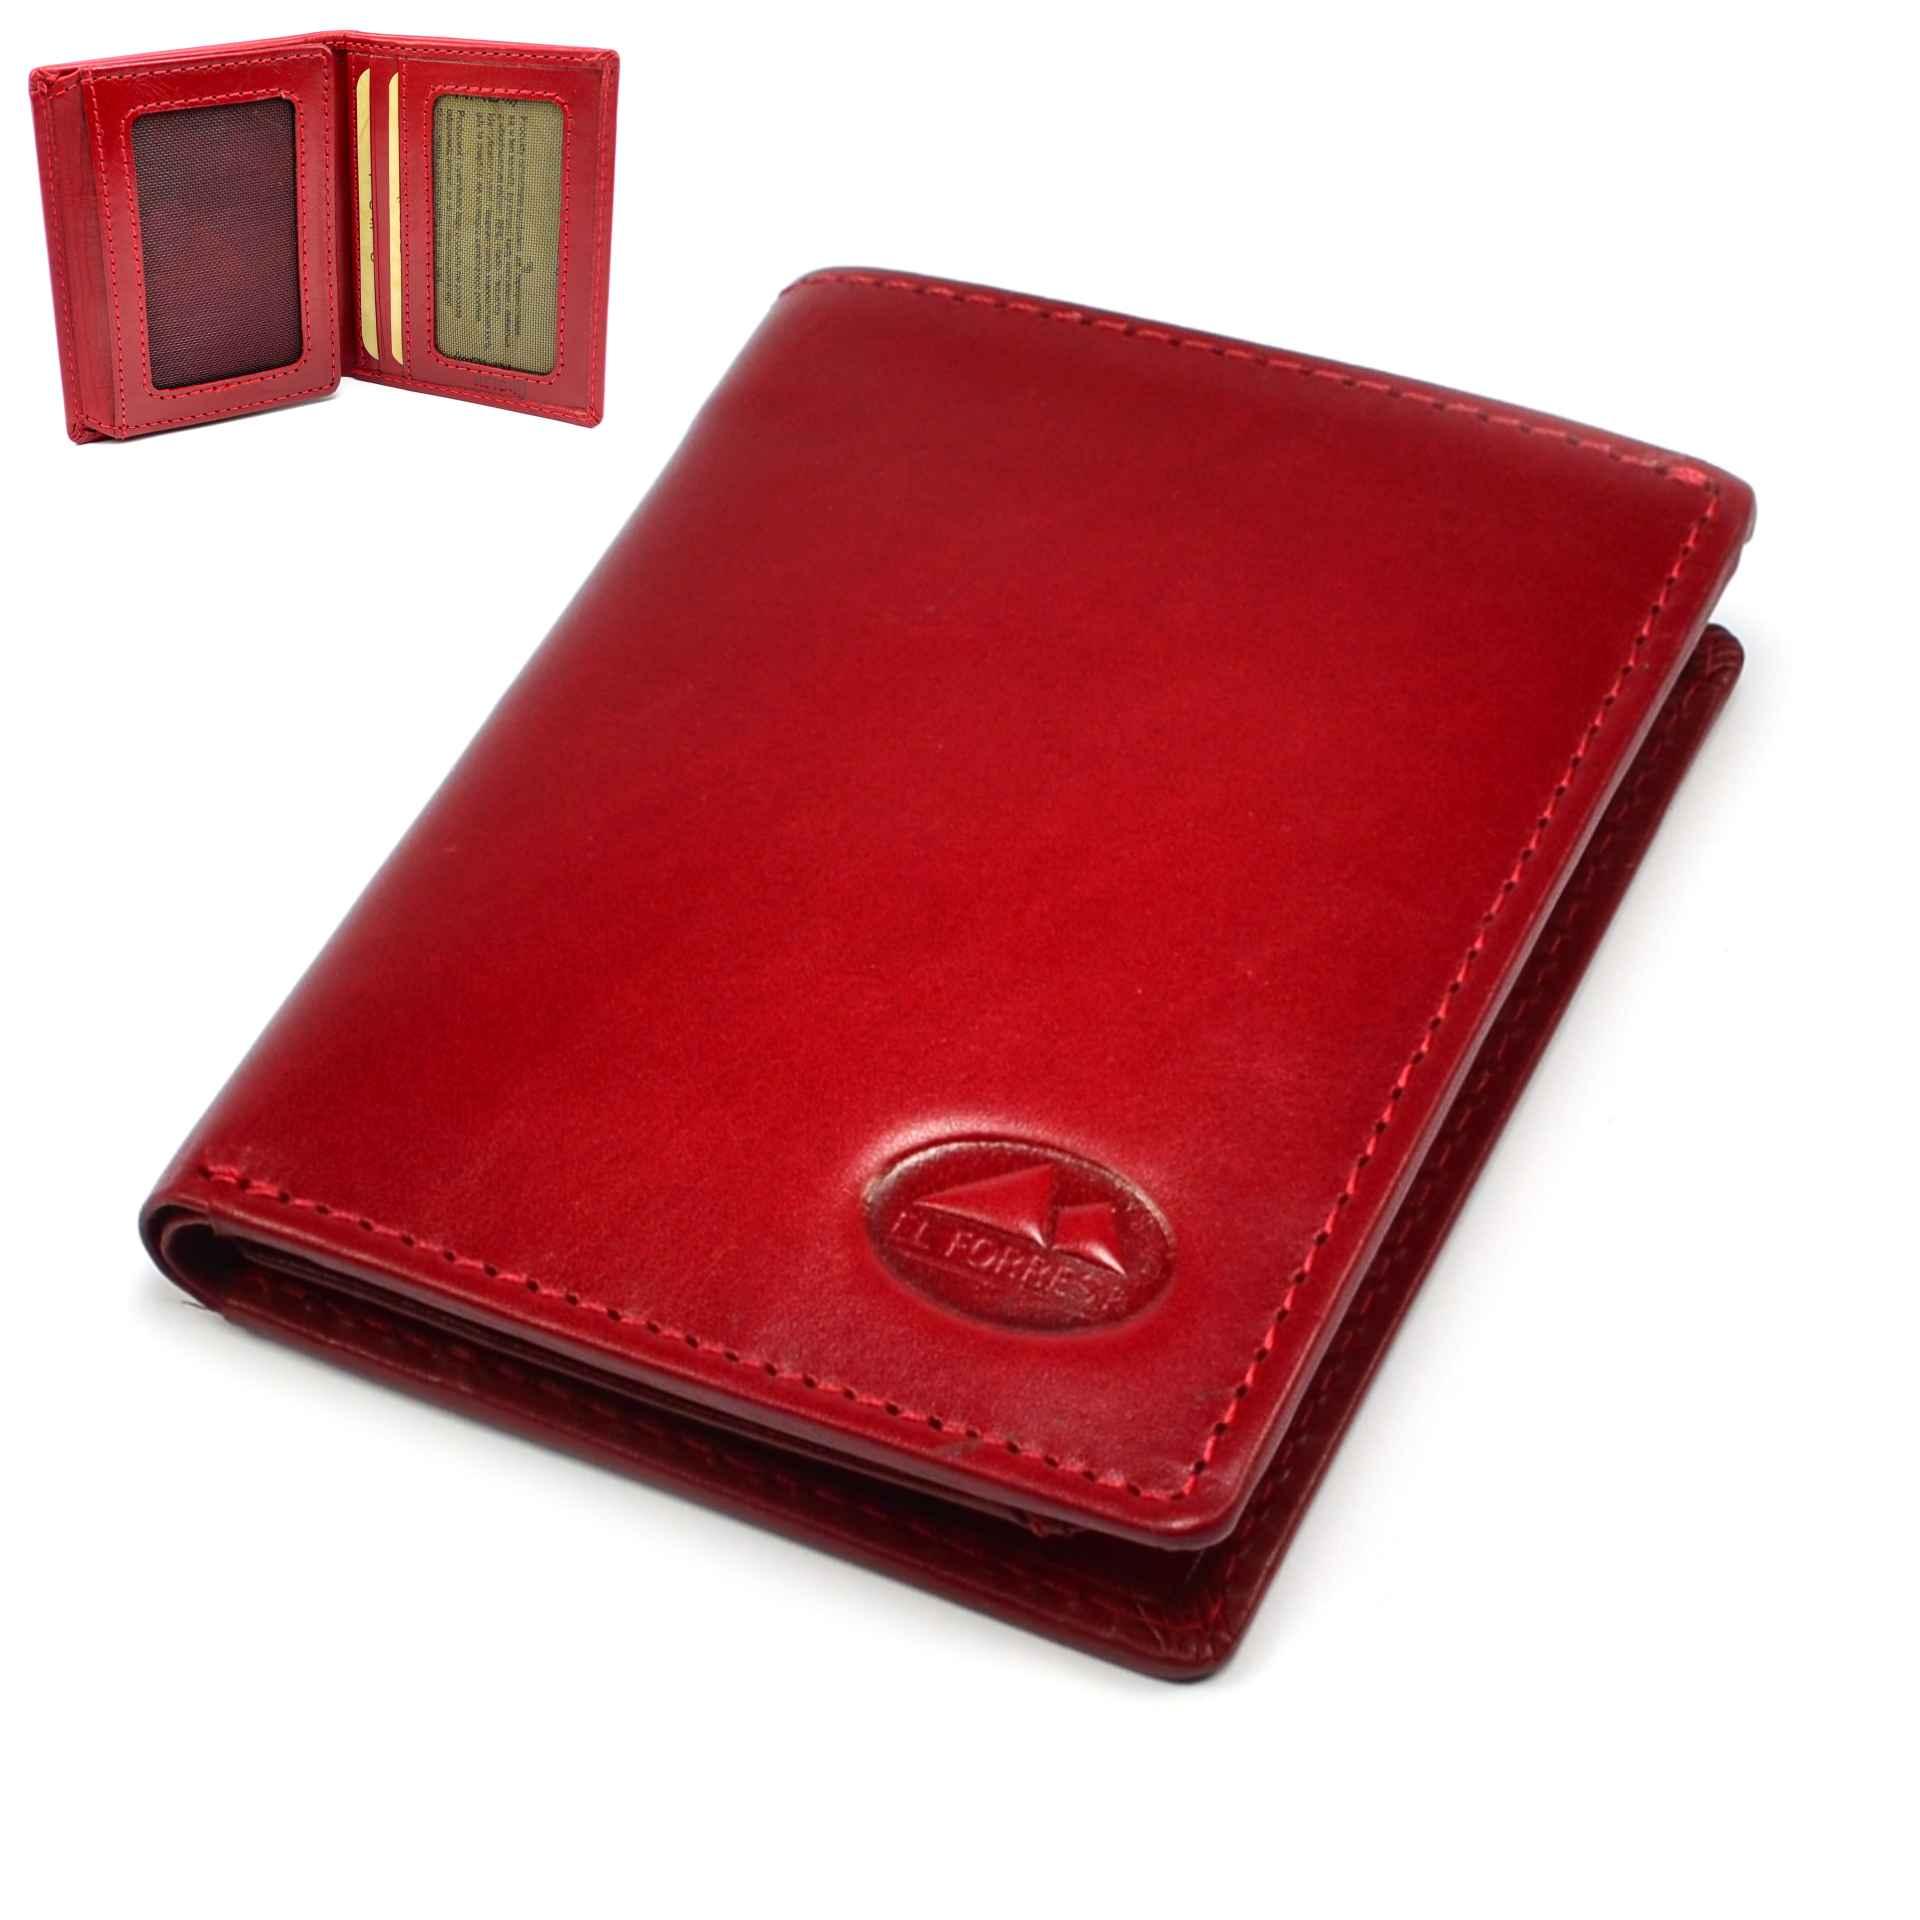 Pouzdro na platební karty nebo vizitky červené